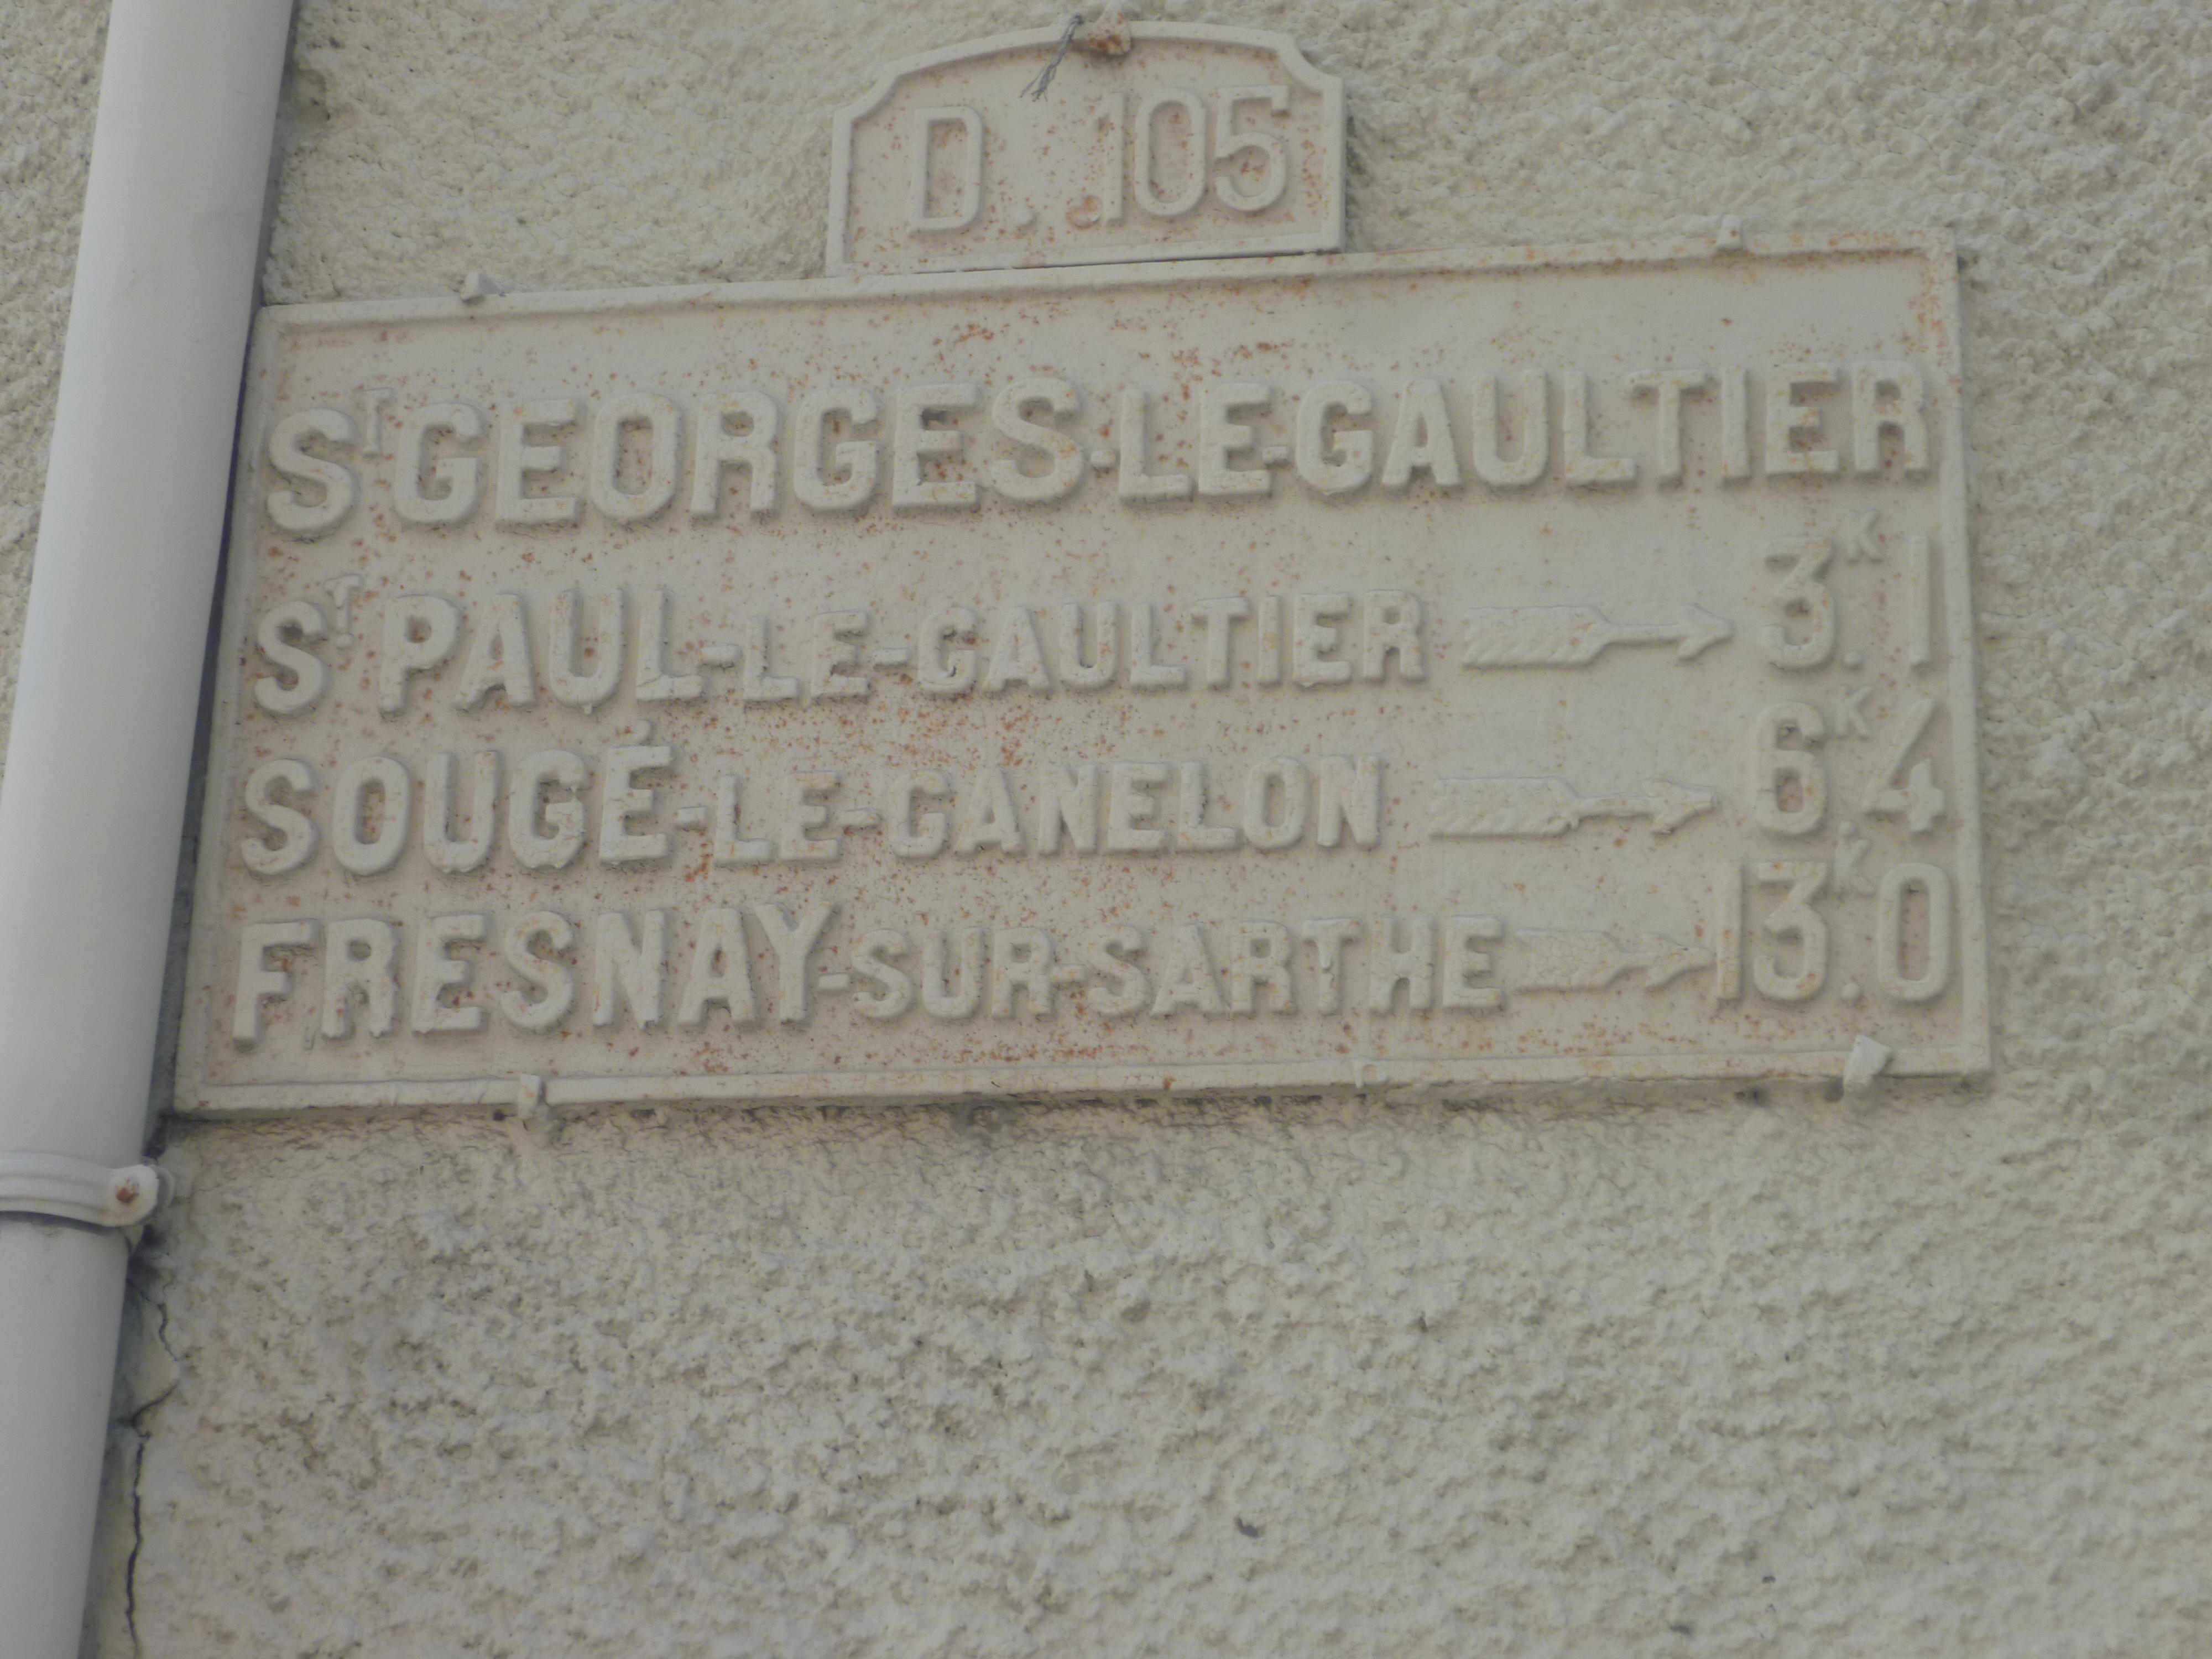 Saint Georges le Gaultier - Plaque de cocher - Saint Paul le Gaultier - Sougé le Ganelon - Fresnay sur Sarthe (Gwéna Tireau)